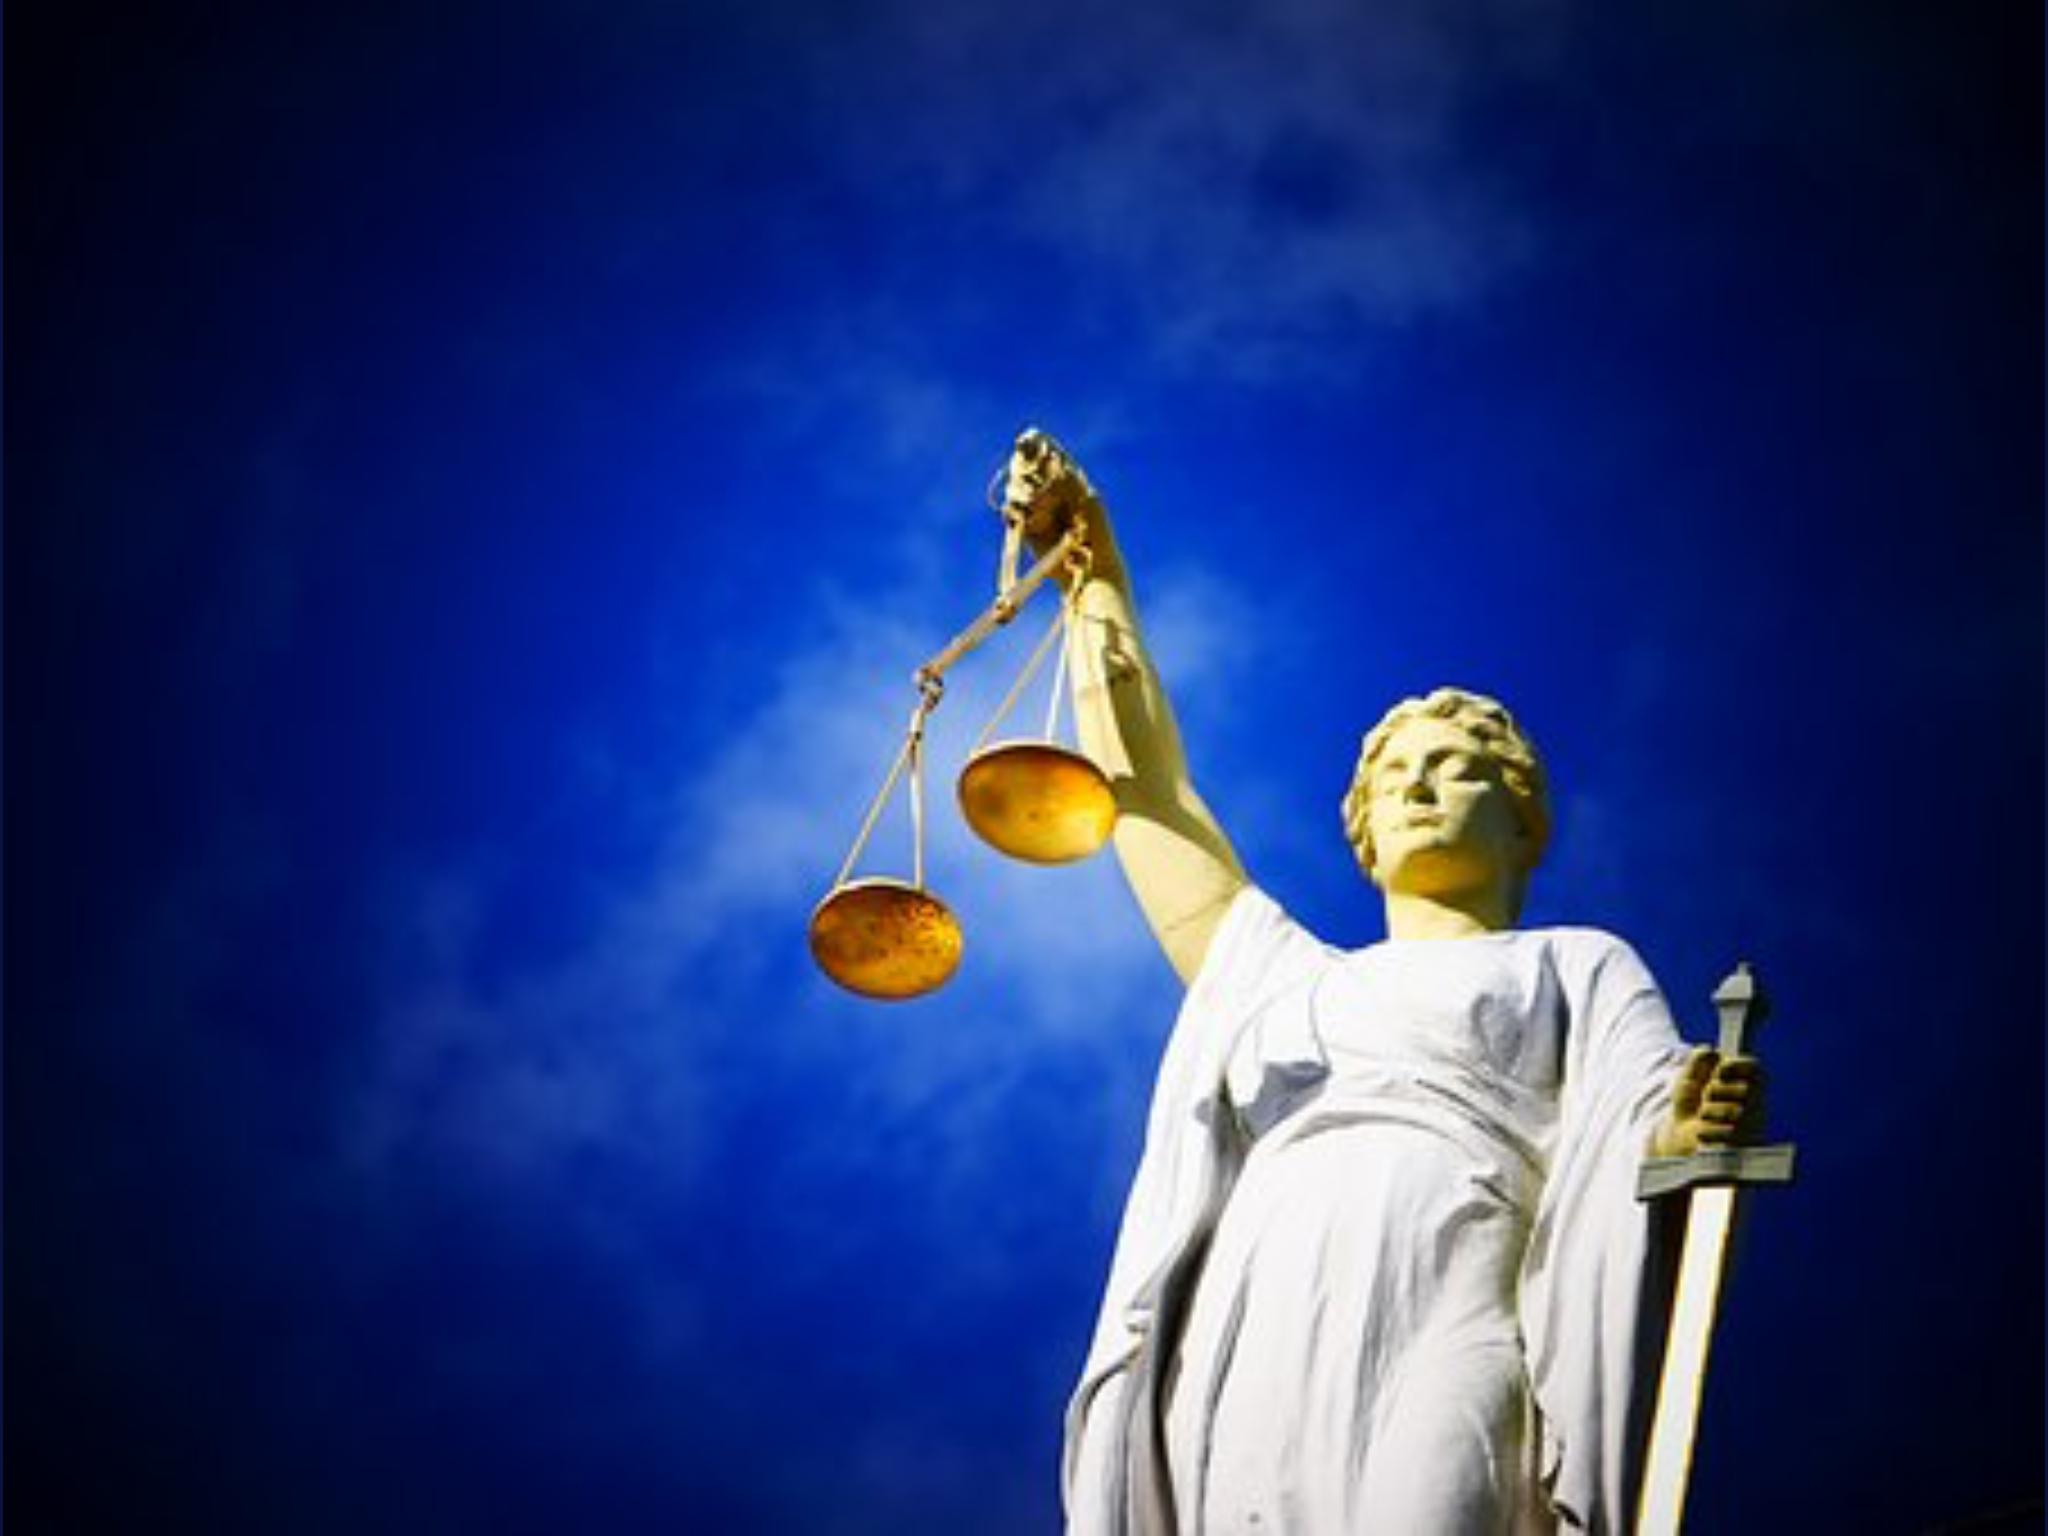 Η Αθηνά Λινού καλεί τον Εισαγγελέα να παρέμβει μετά τις αποκαλύψεις για τον ΕΟΔΥ (Βίντεο)